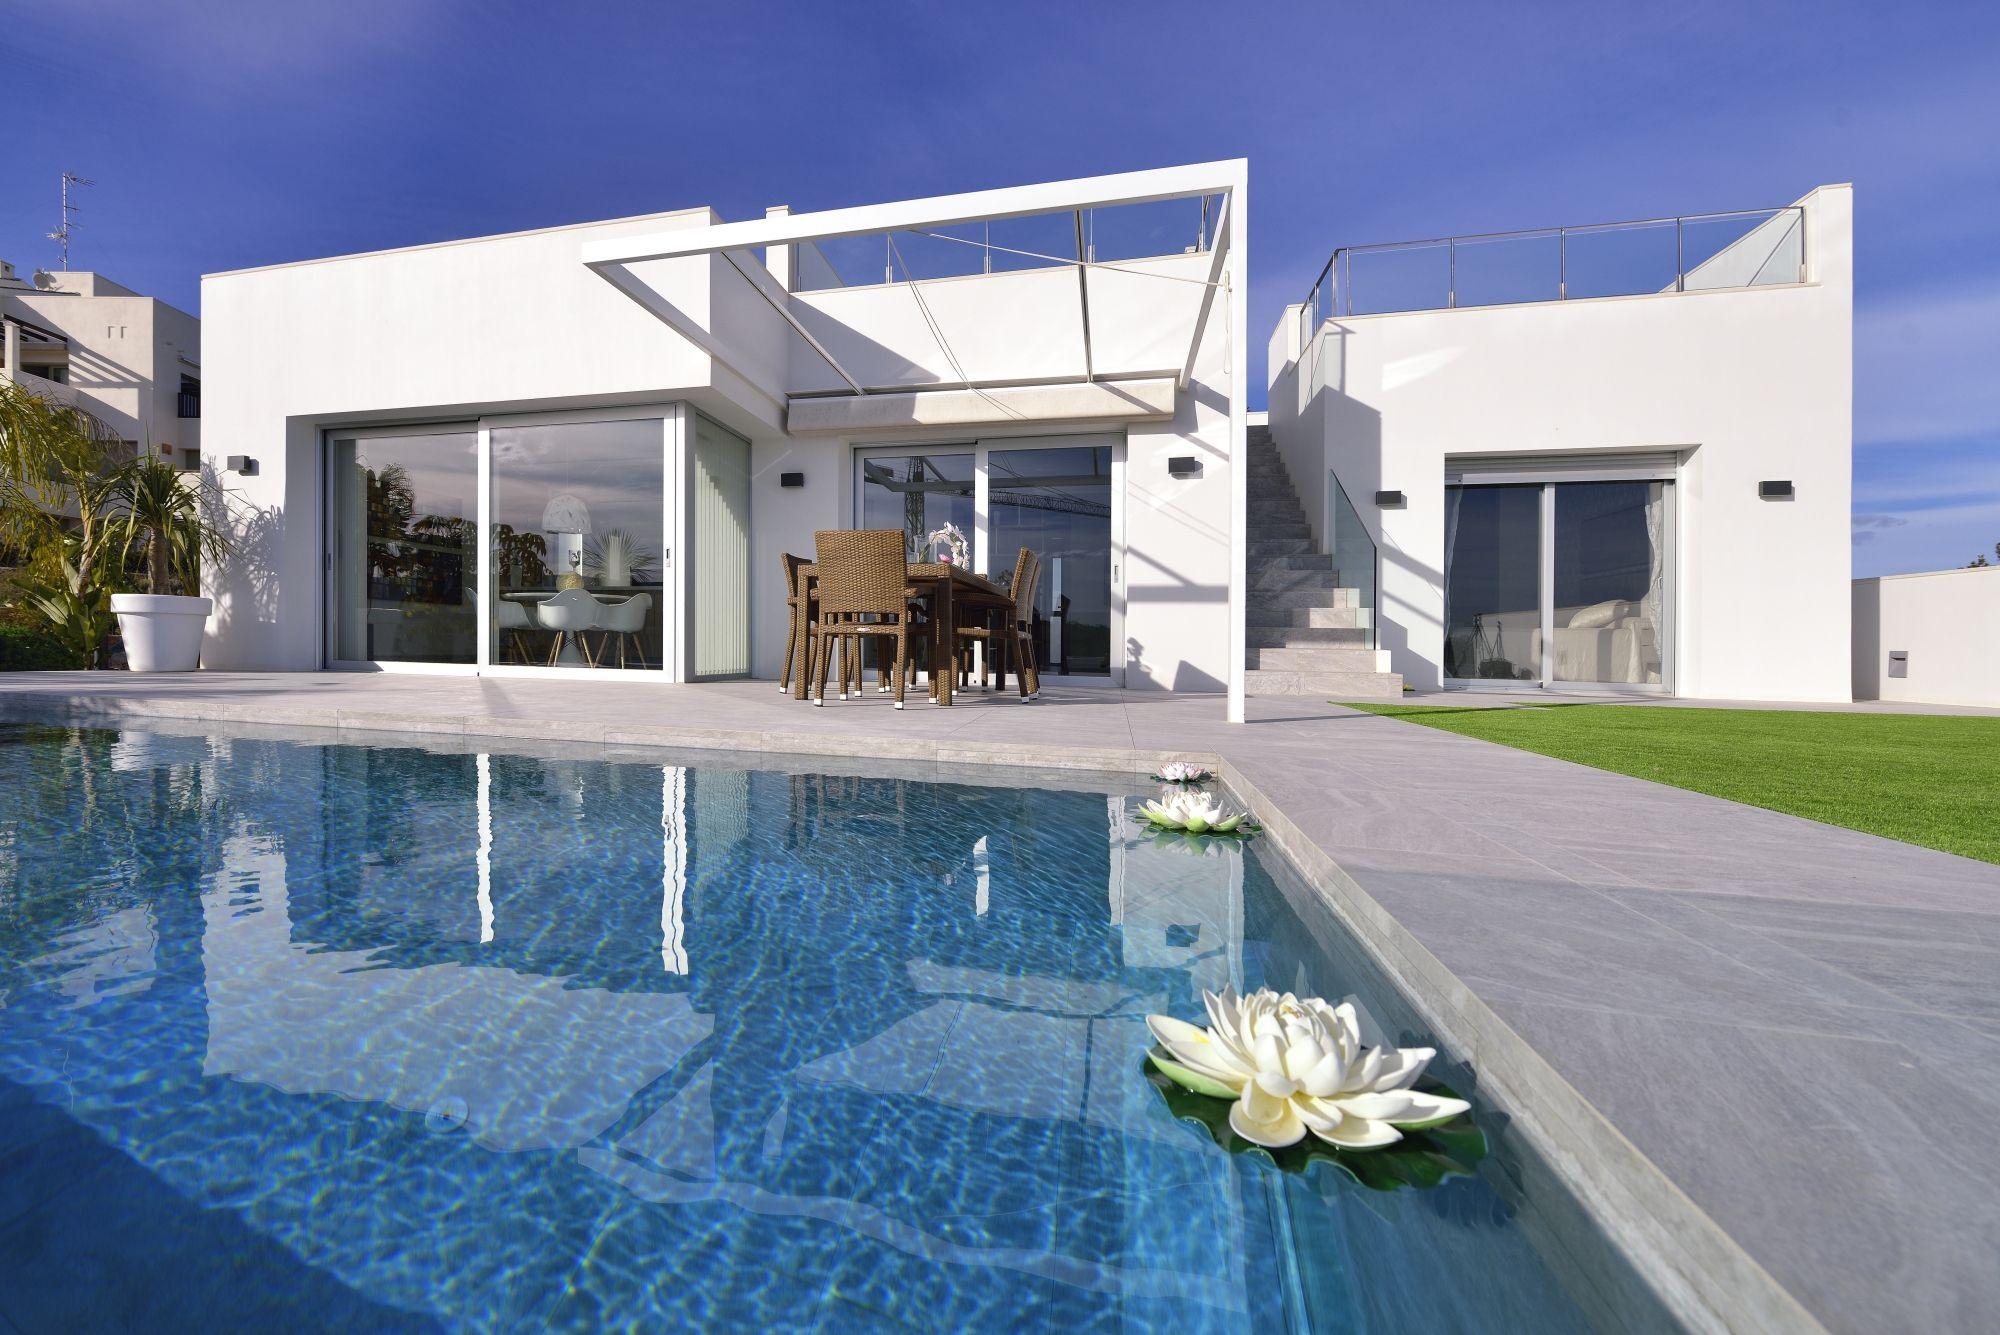 villa con piscina - Una villa que te enamorará